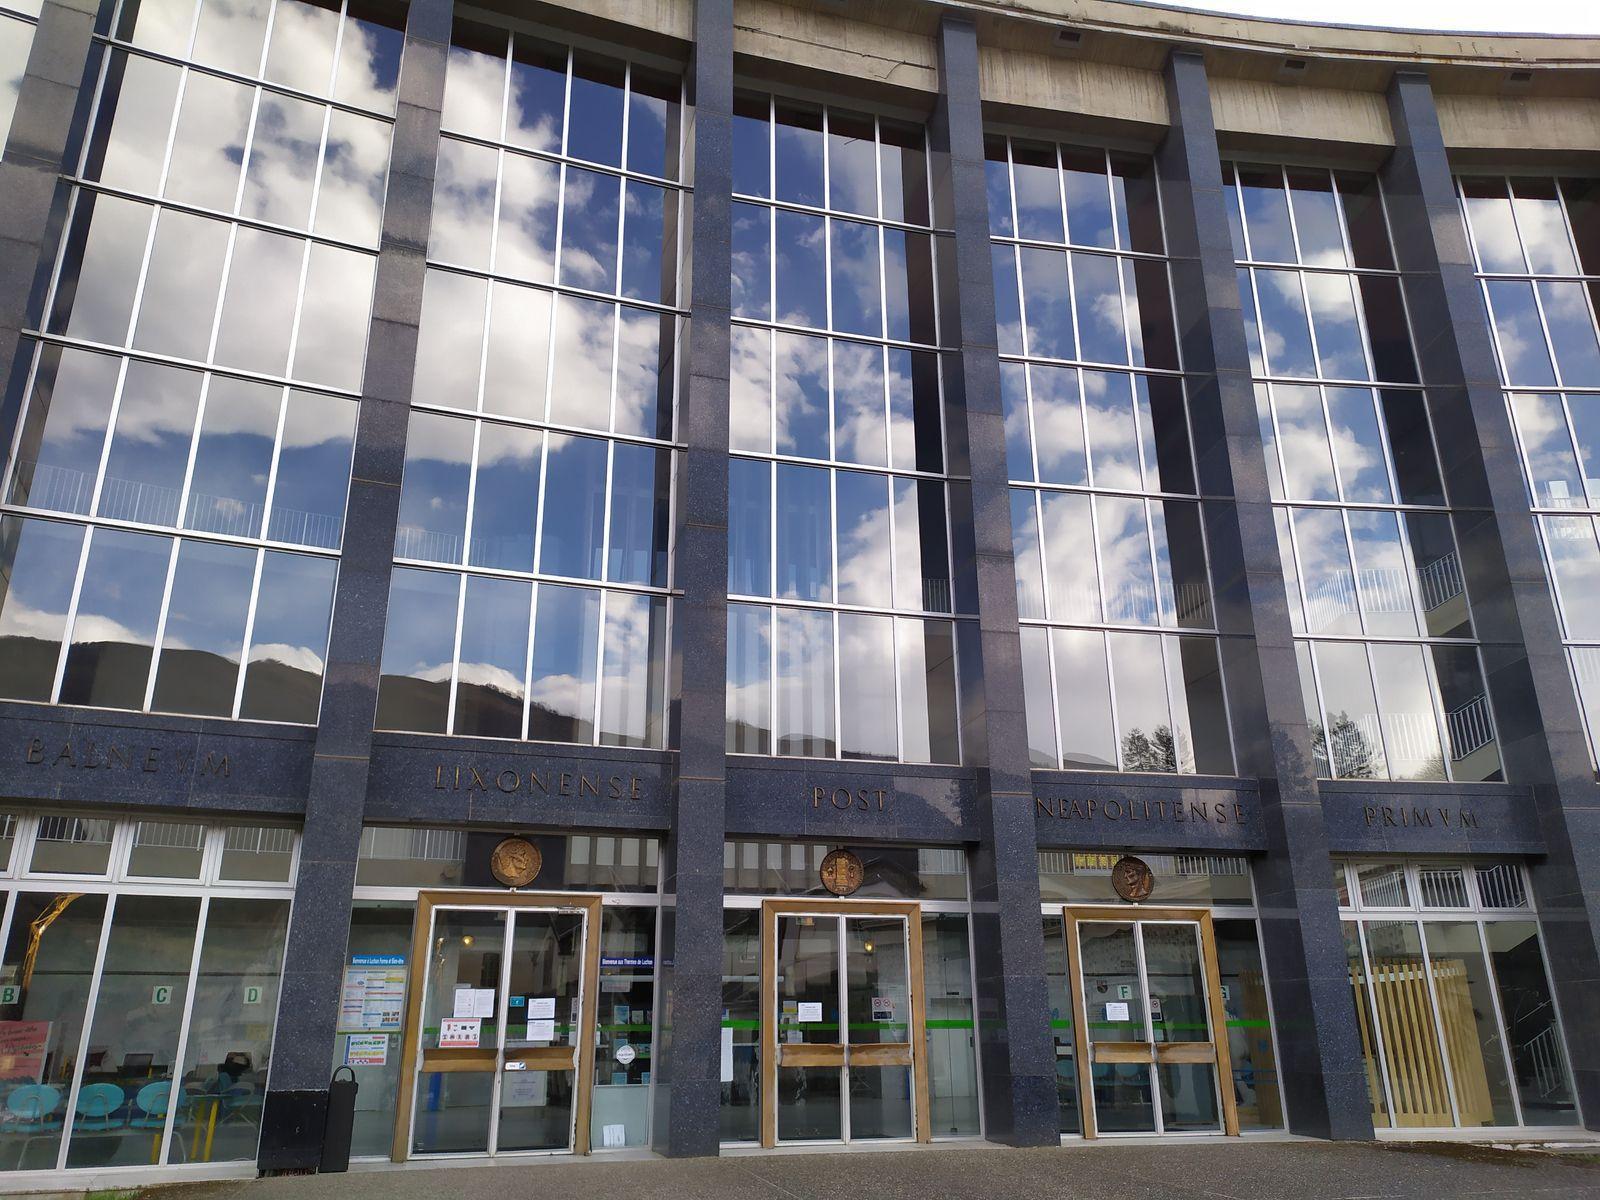 Déconfinement : vers la réouverture des Thermes de Luchon en juillet